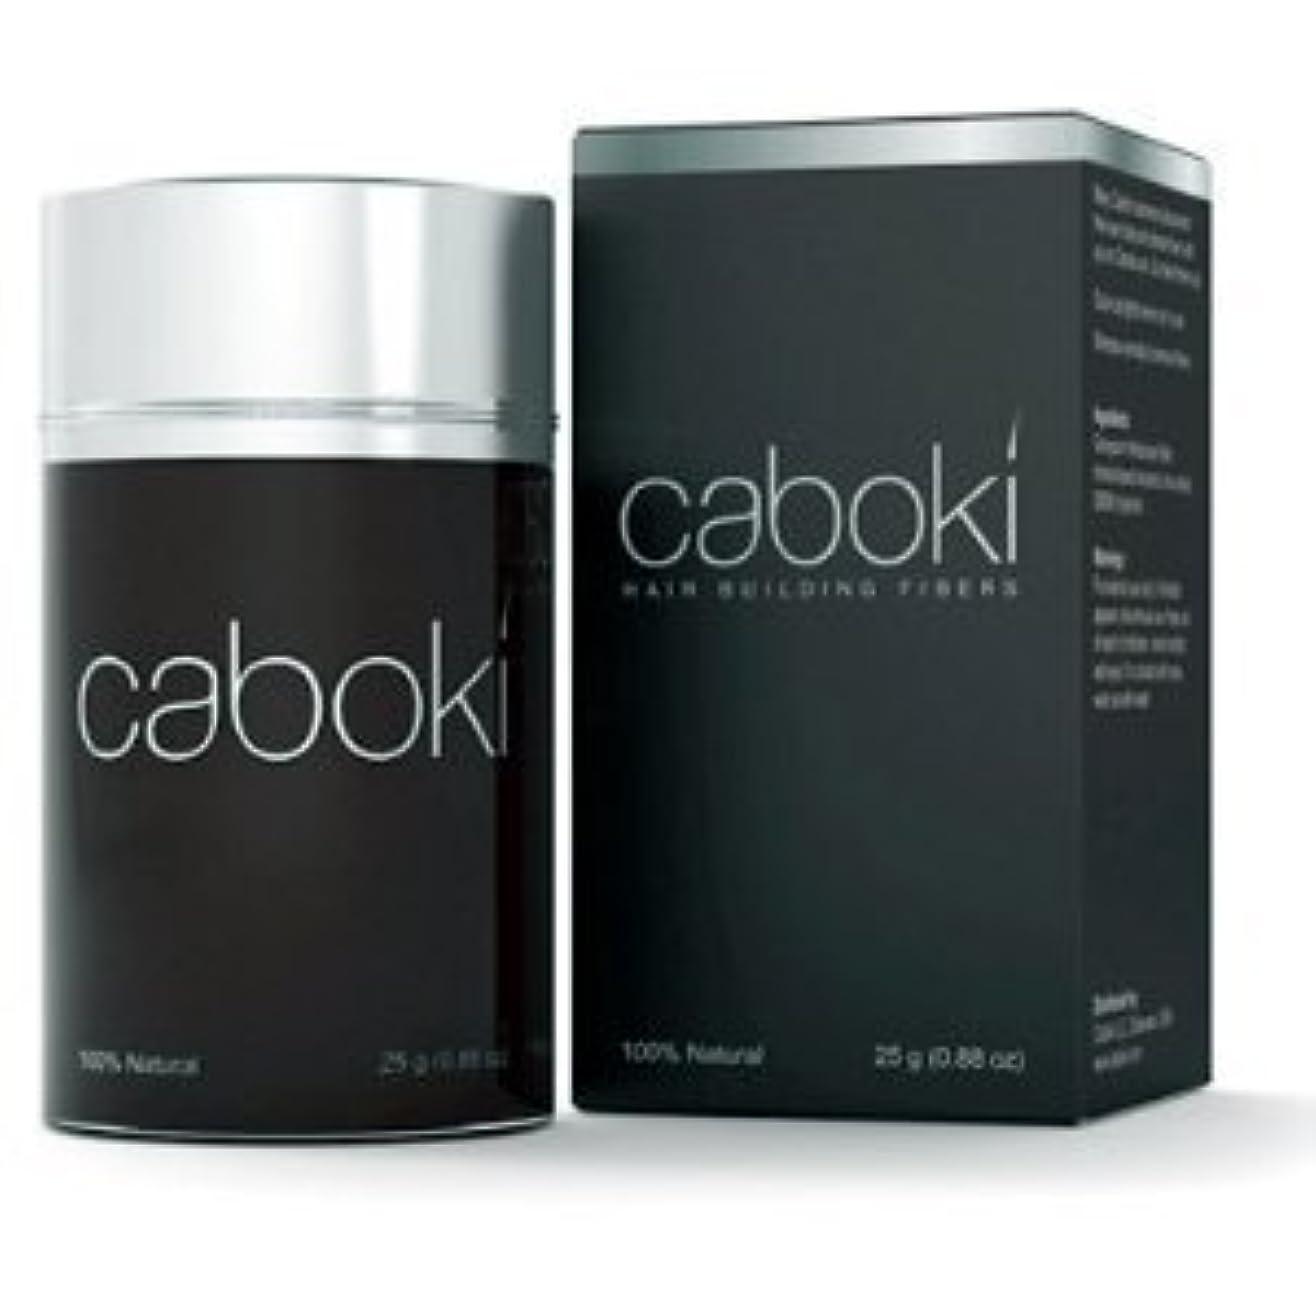 Caboki カボキコンシーラー 約50日分 25g (ブロンド Blonde) [並行輸入品]